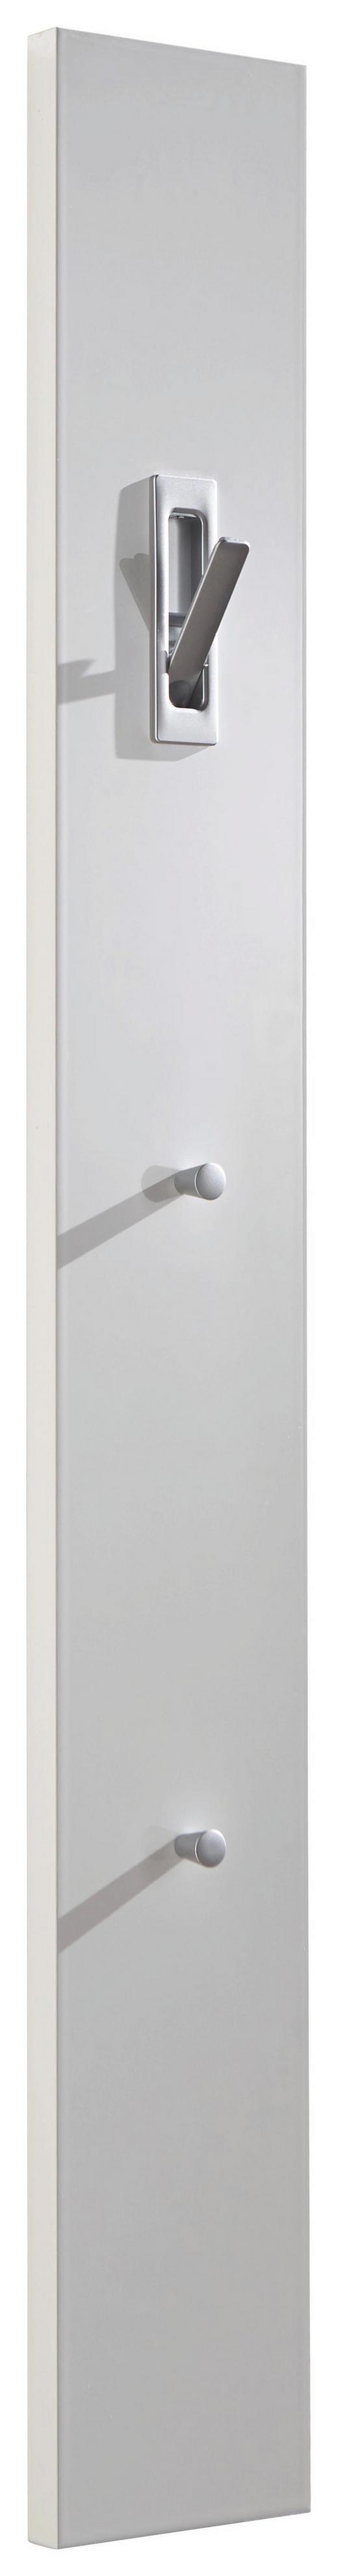 GARDEROBENPANEEL Hochglanz, Melamin Weiß - Weiß, Design (15/120/2.5cm)